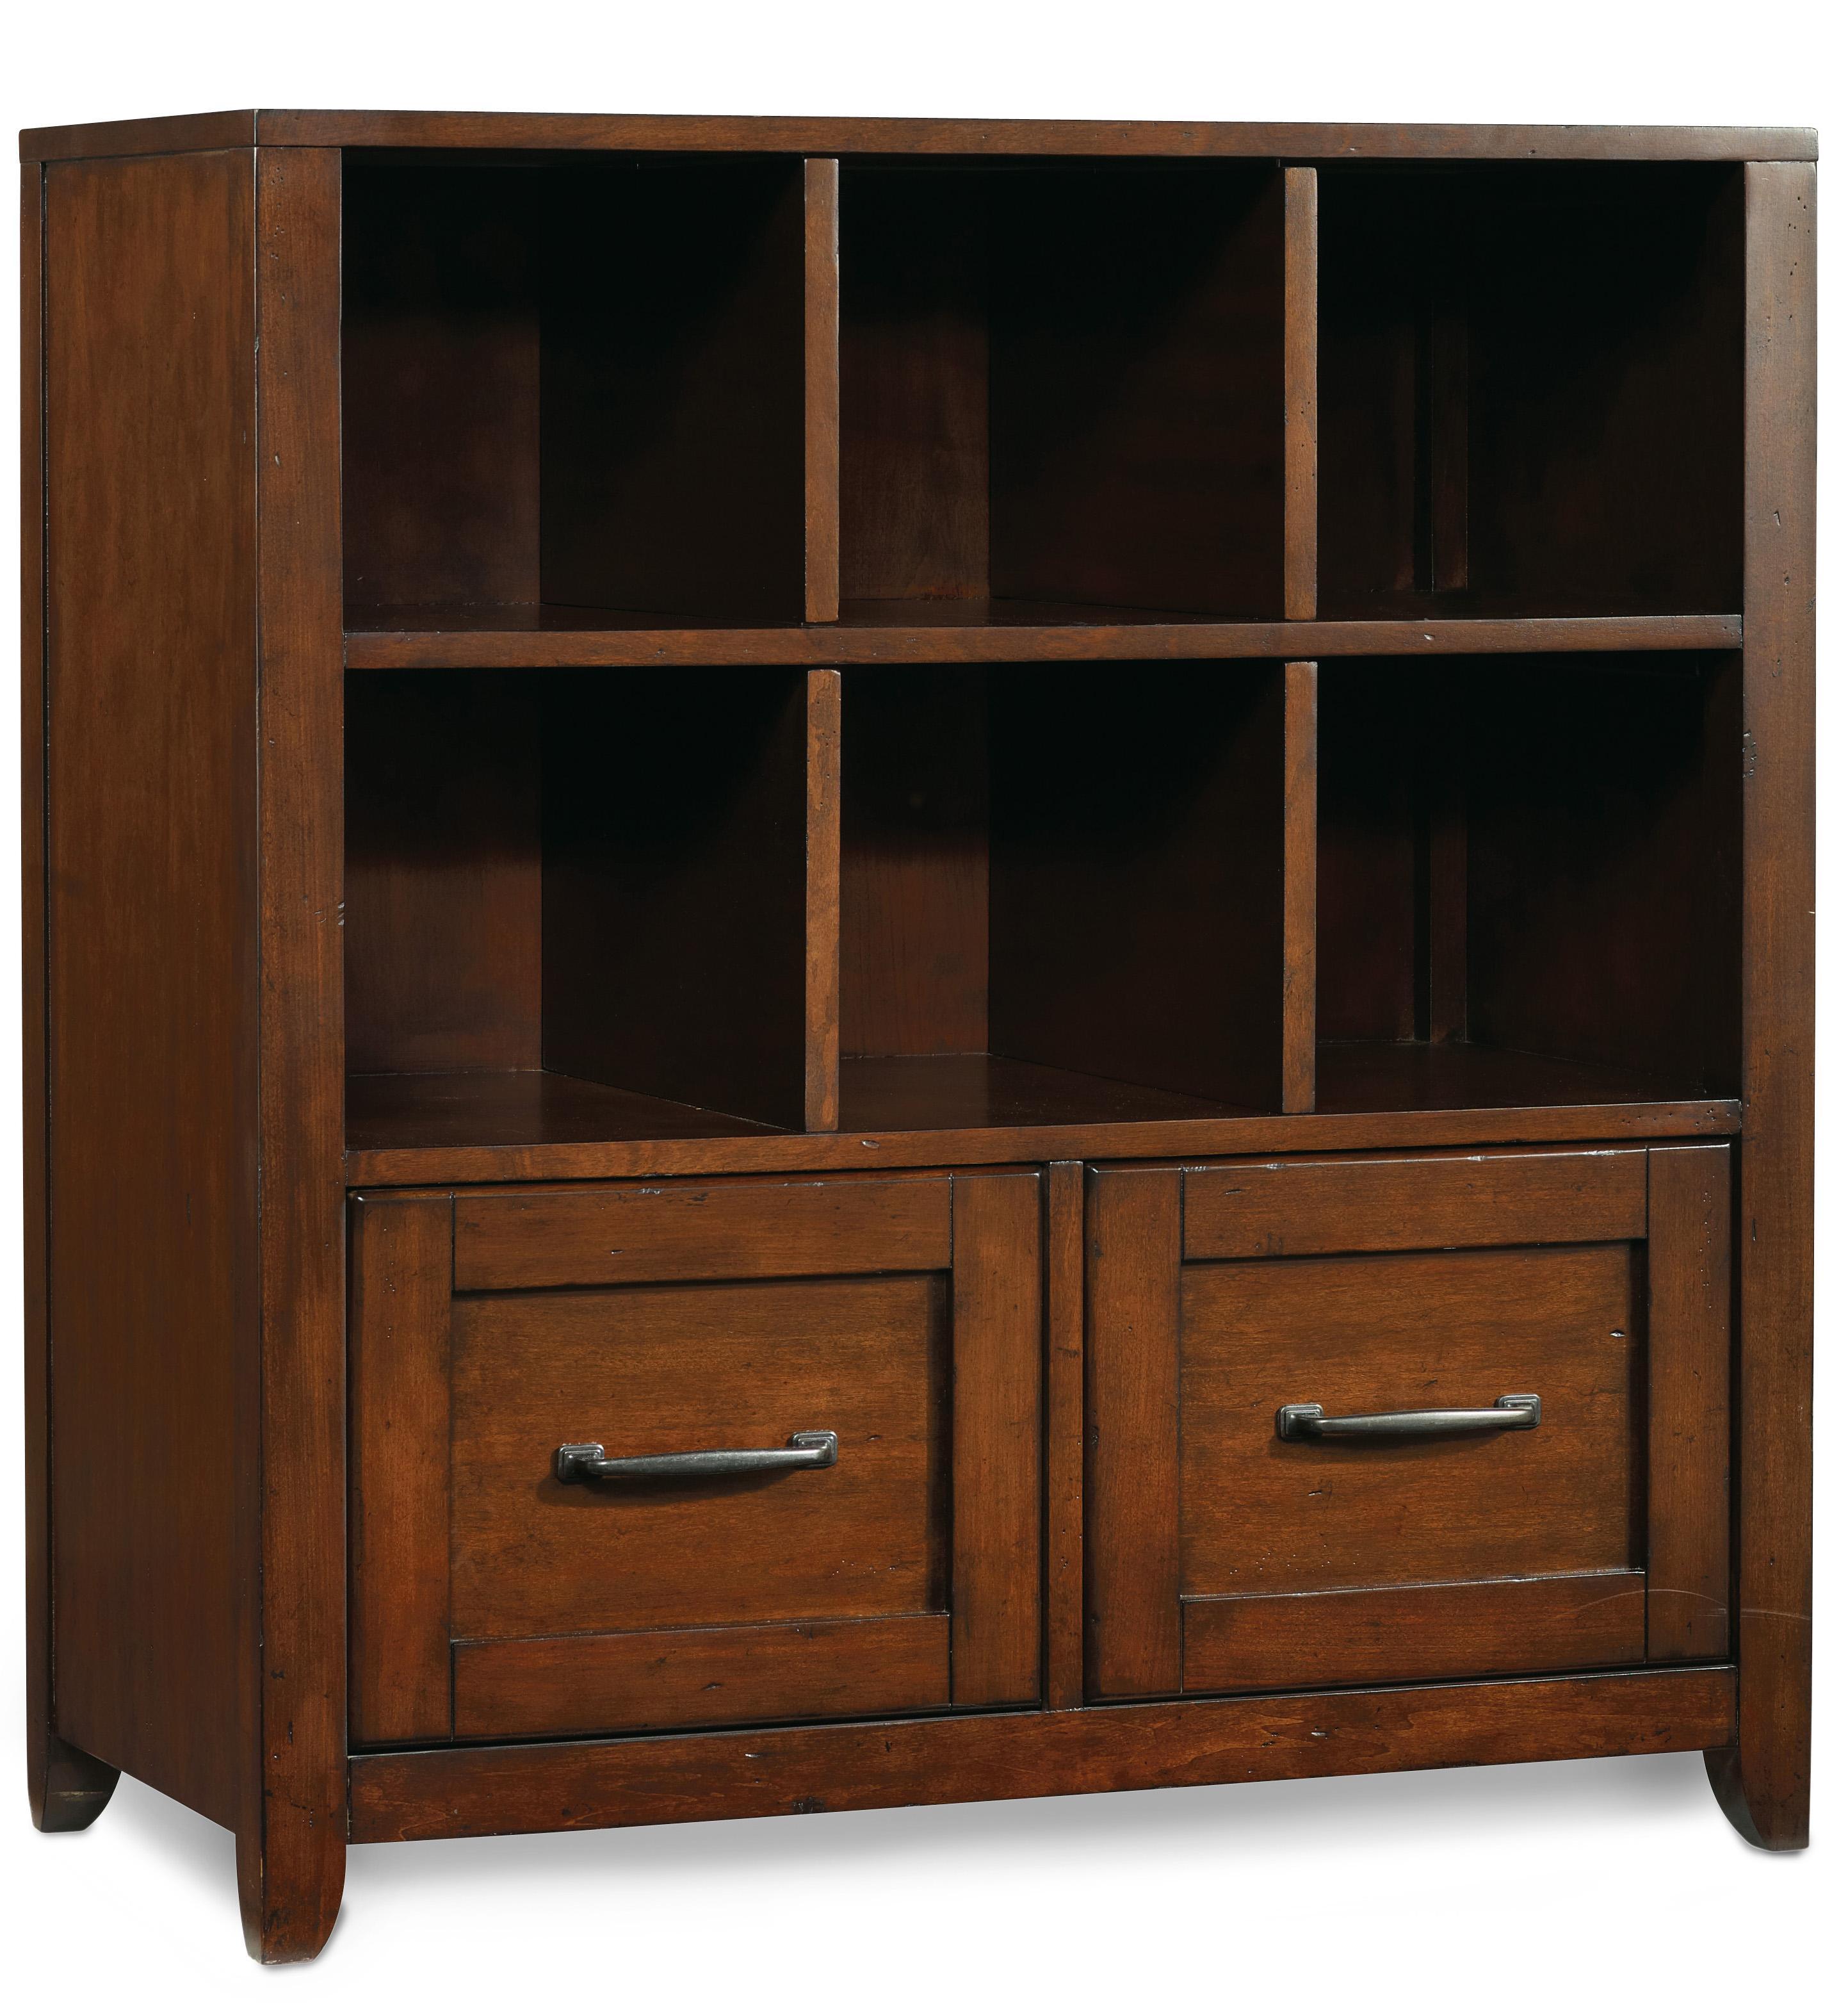 Hooker Furniture Wendover Utility Bookcase Pedestal  - Item Number: 1037-11304